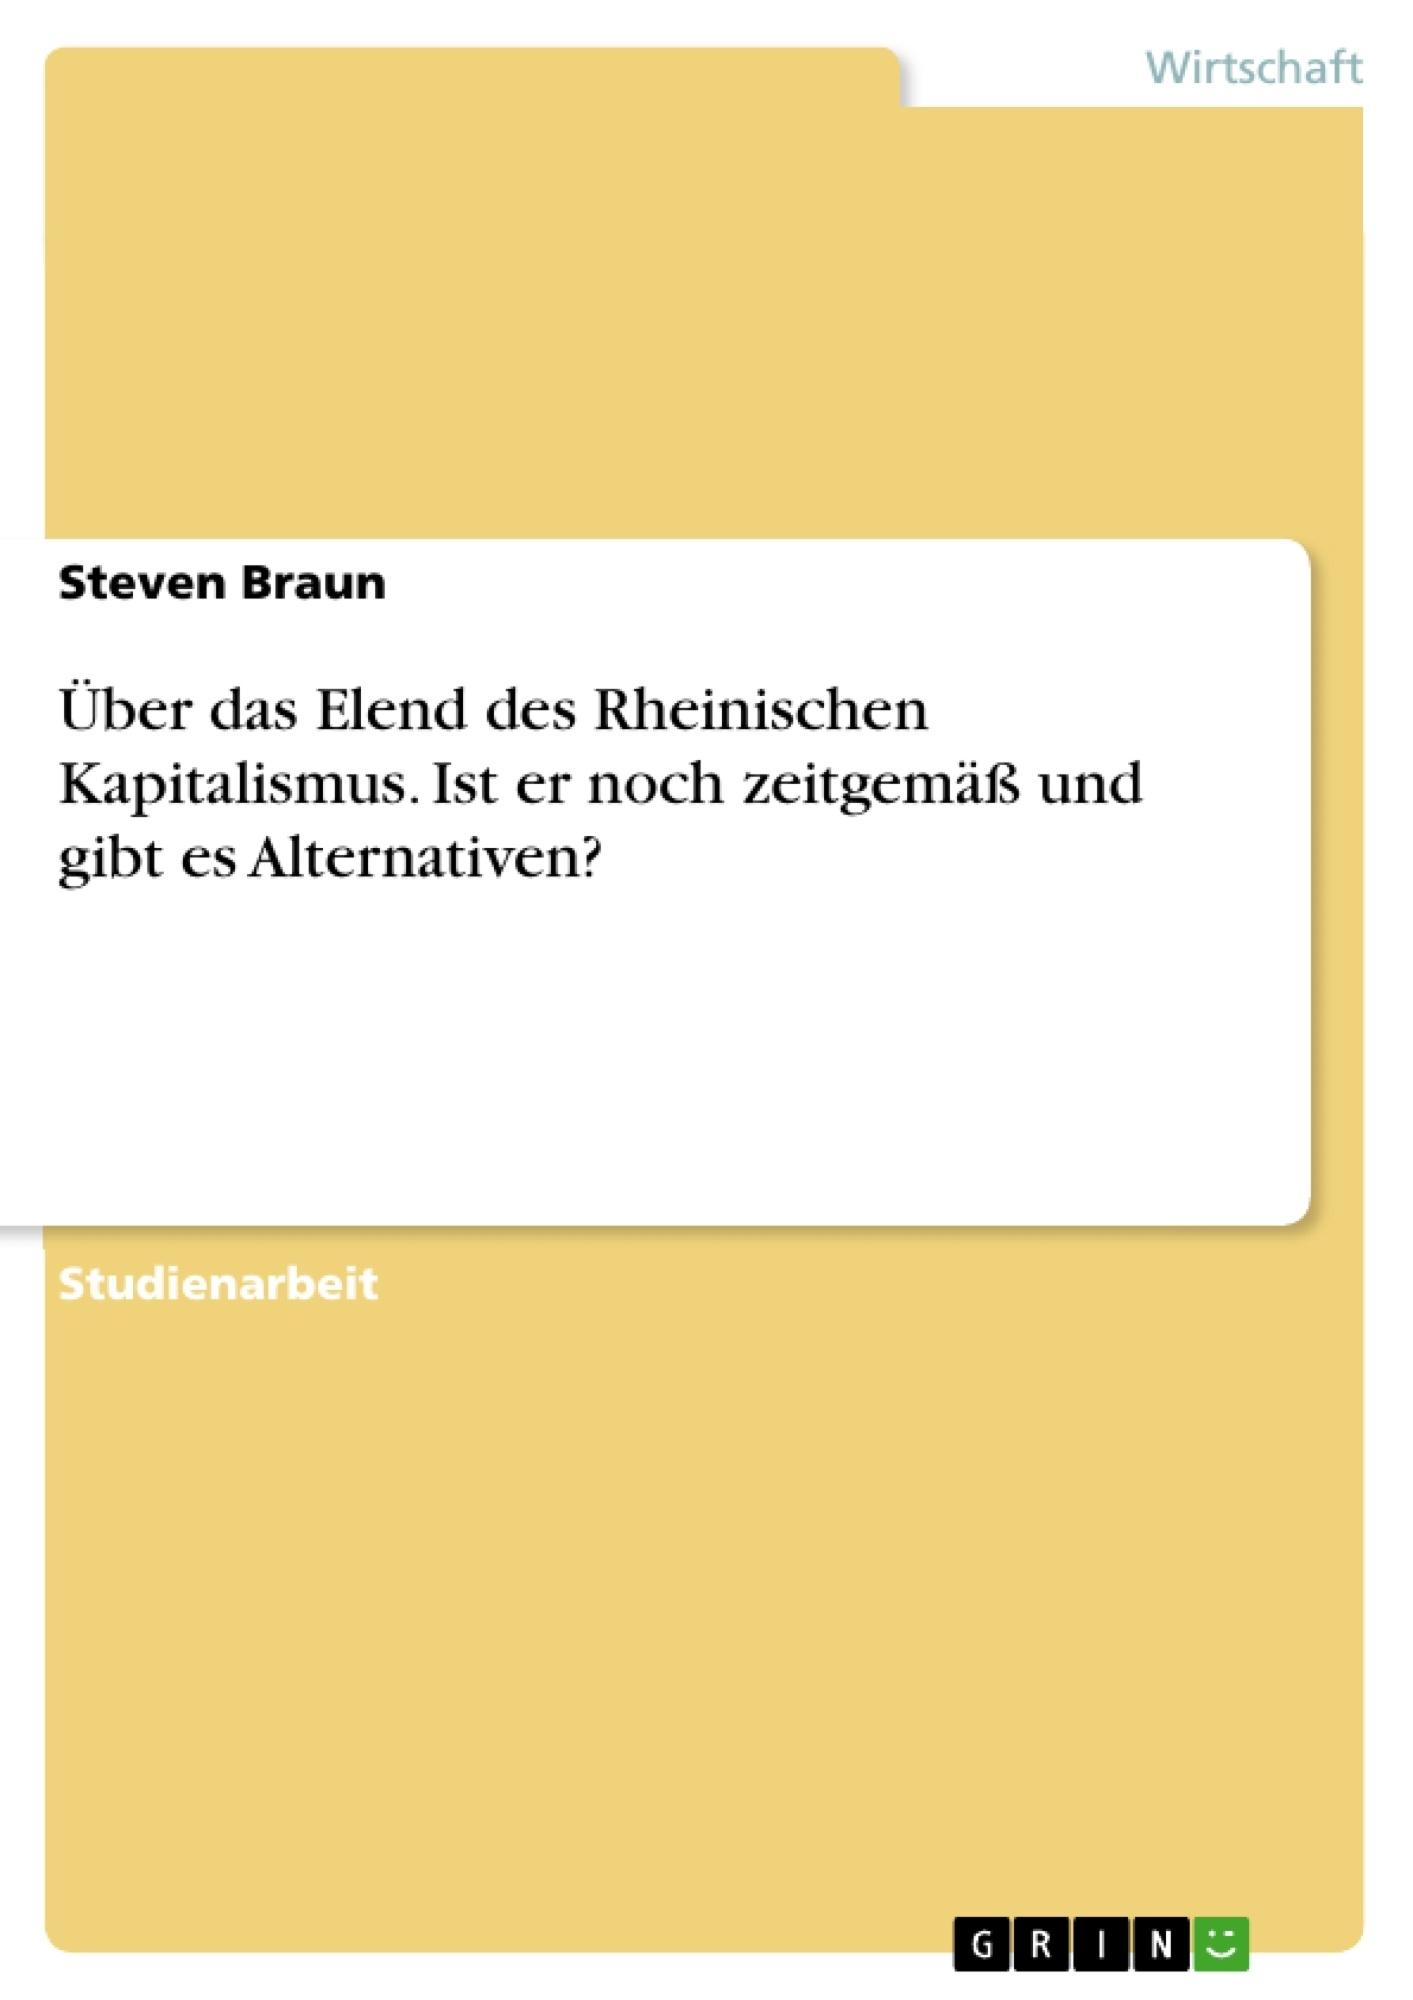 Titel: Über das Elend des Rheinischen Kapitalismus. Ist er noch zeitgemäß und gibt es Alternativen?